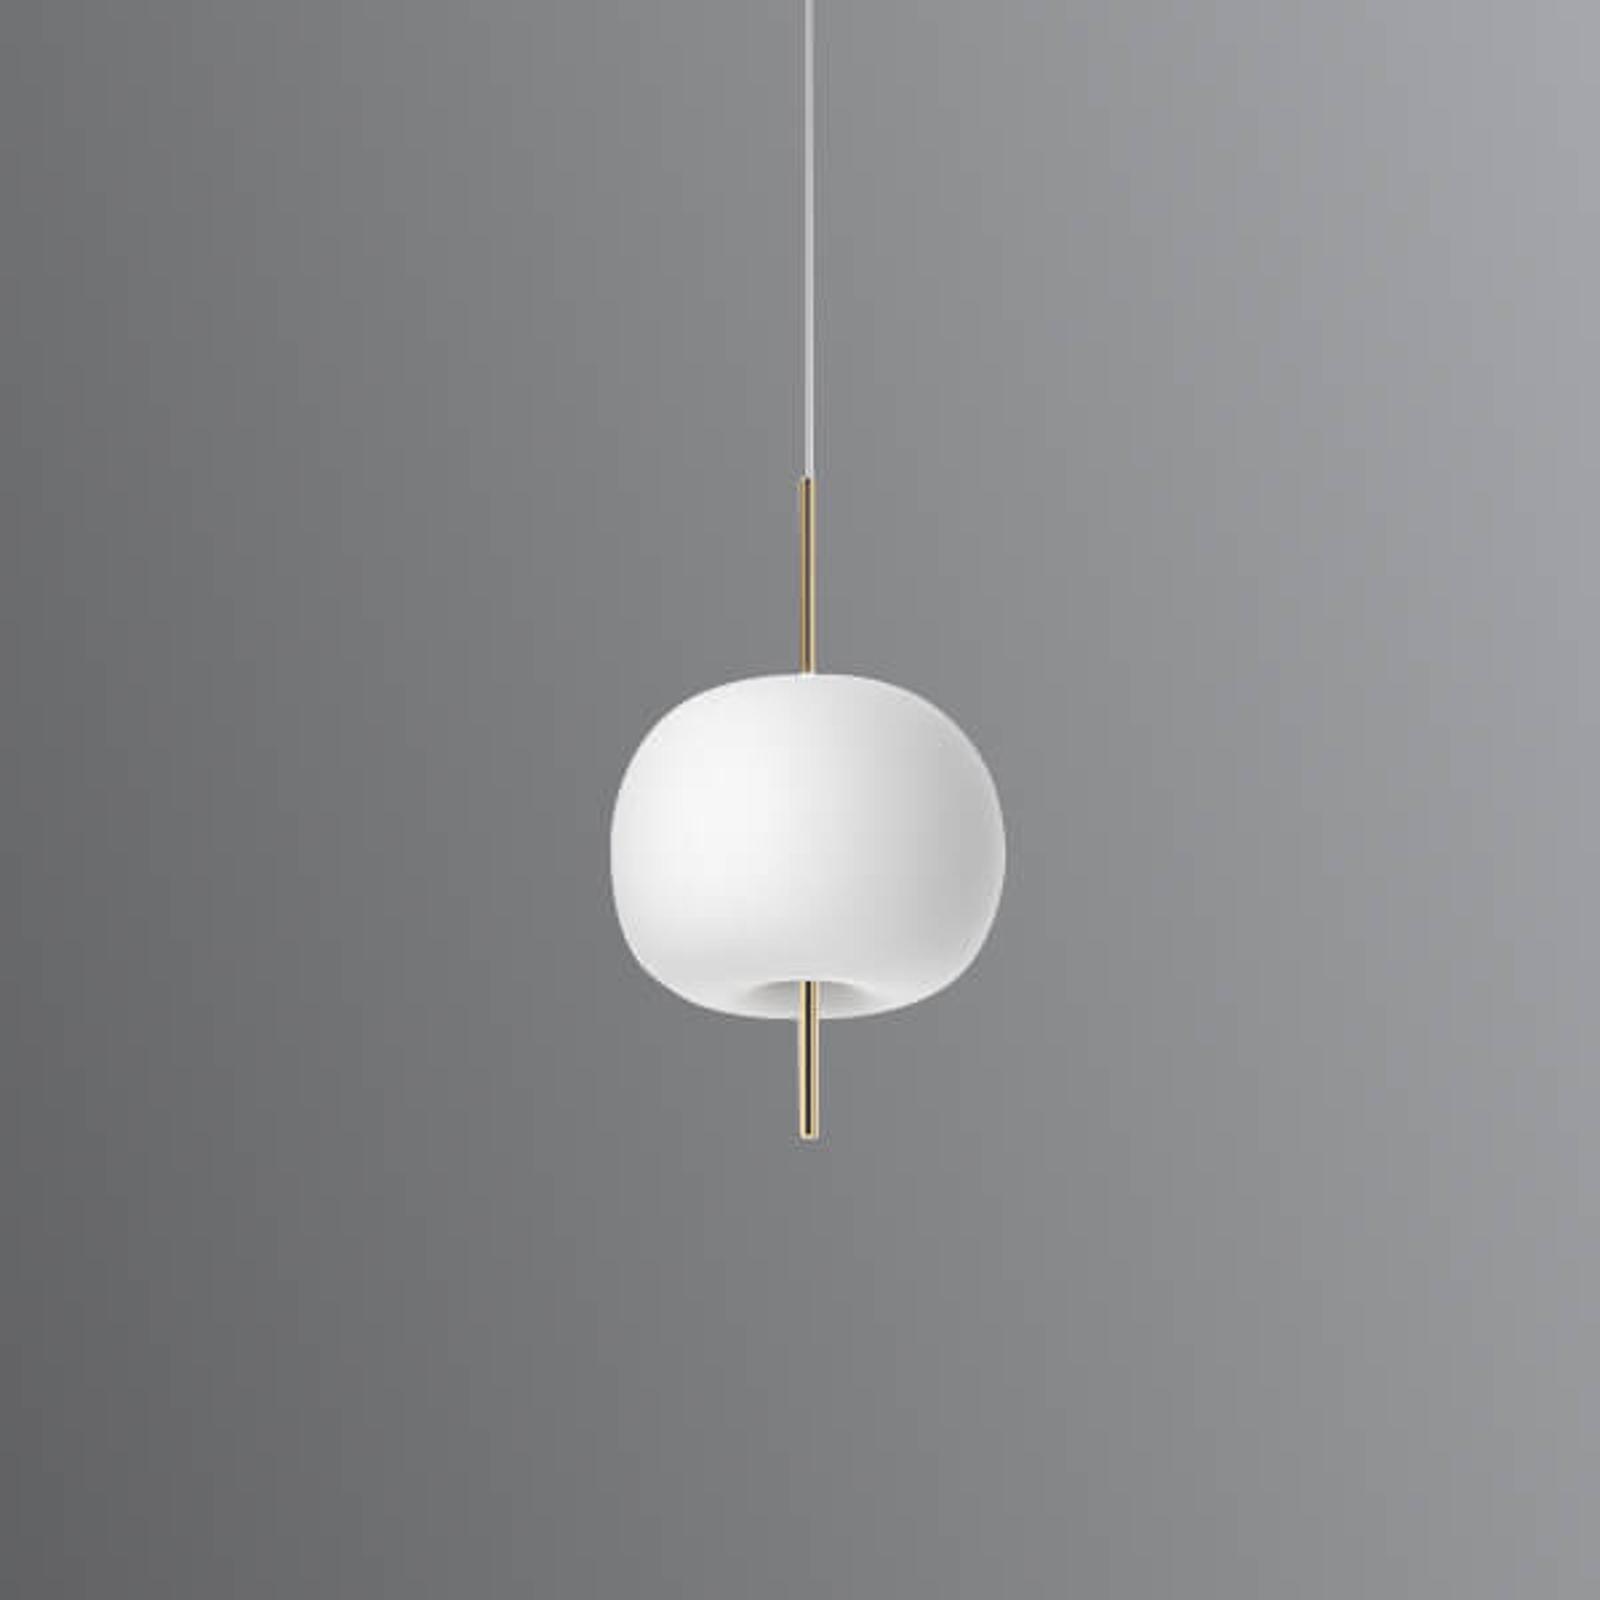 Szklana designerska lampa wisząca LED Kushi, 16 cm